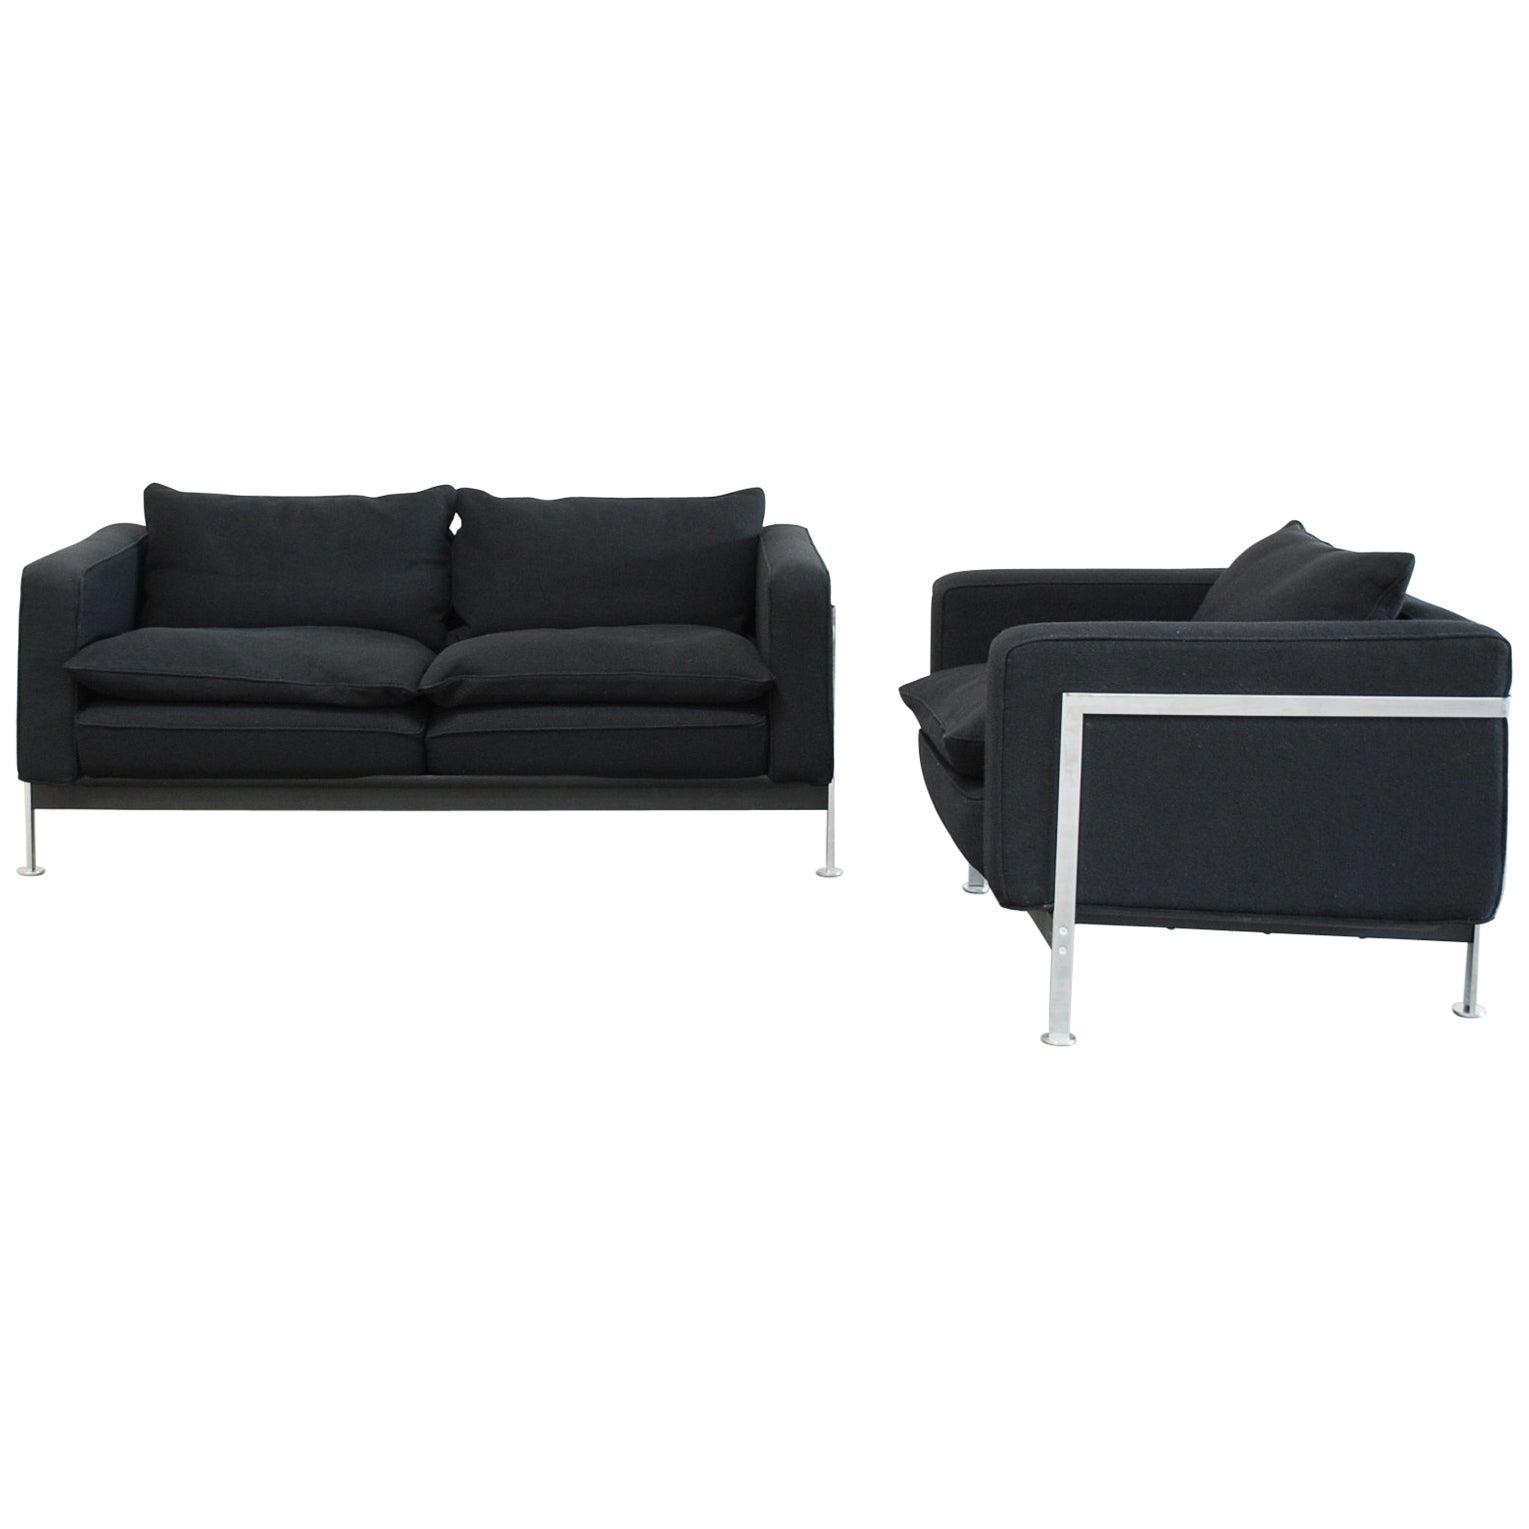 Robert Haussmann De Sede Rh 302 Sofa and Armchair Black